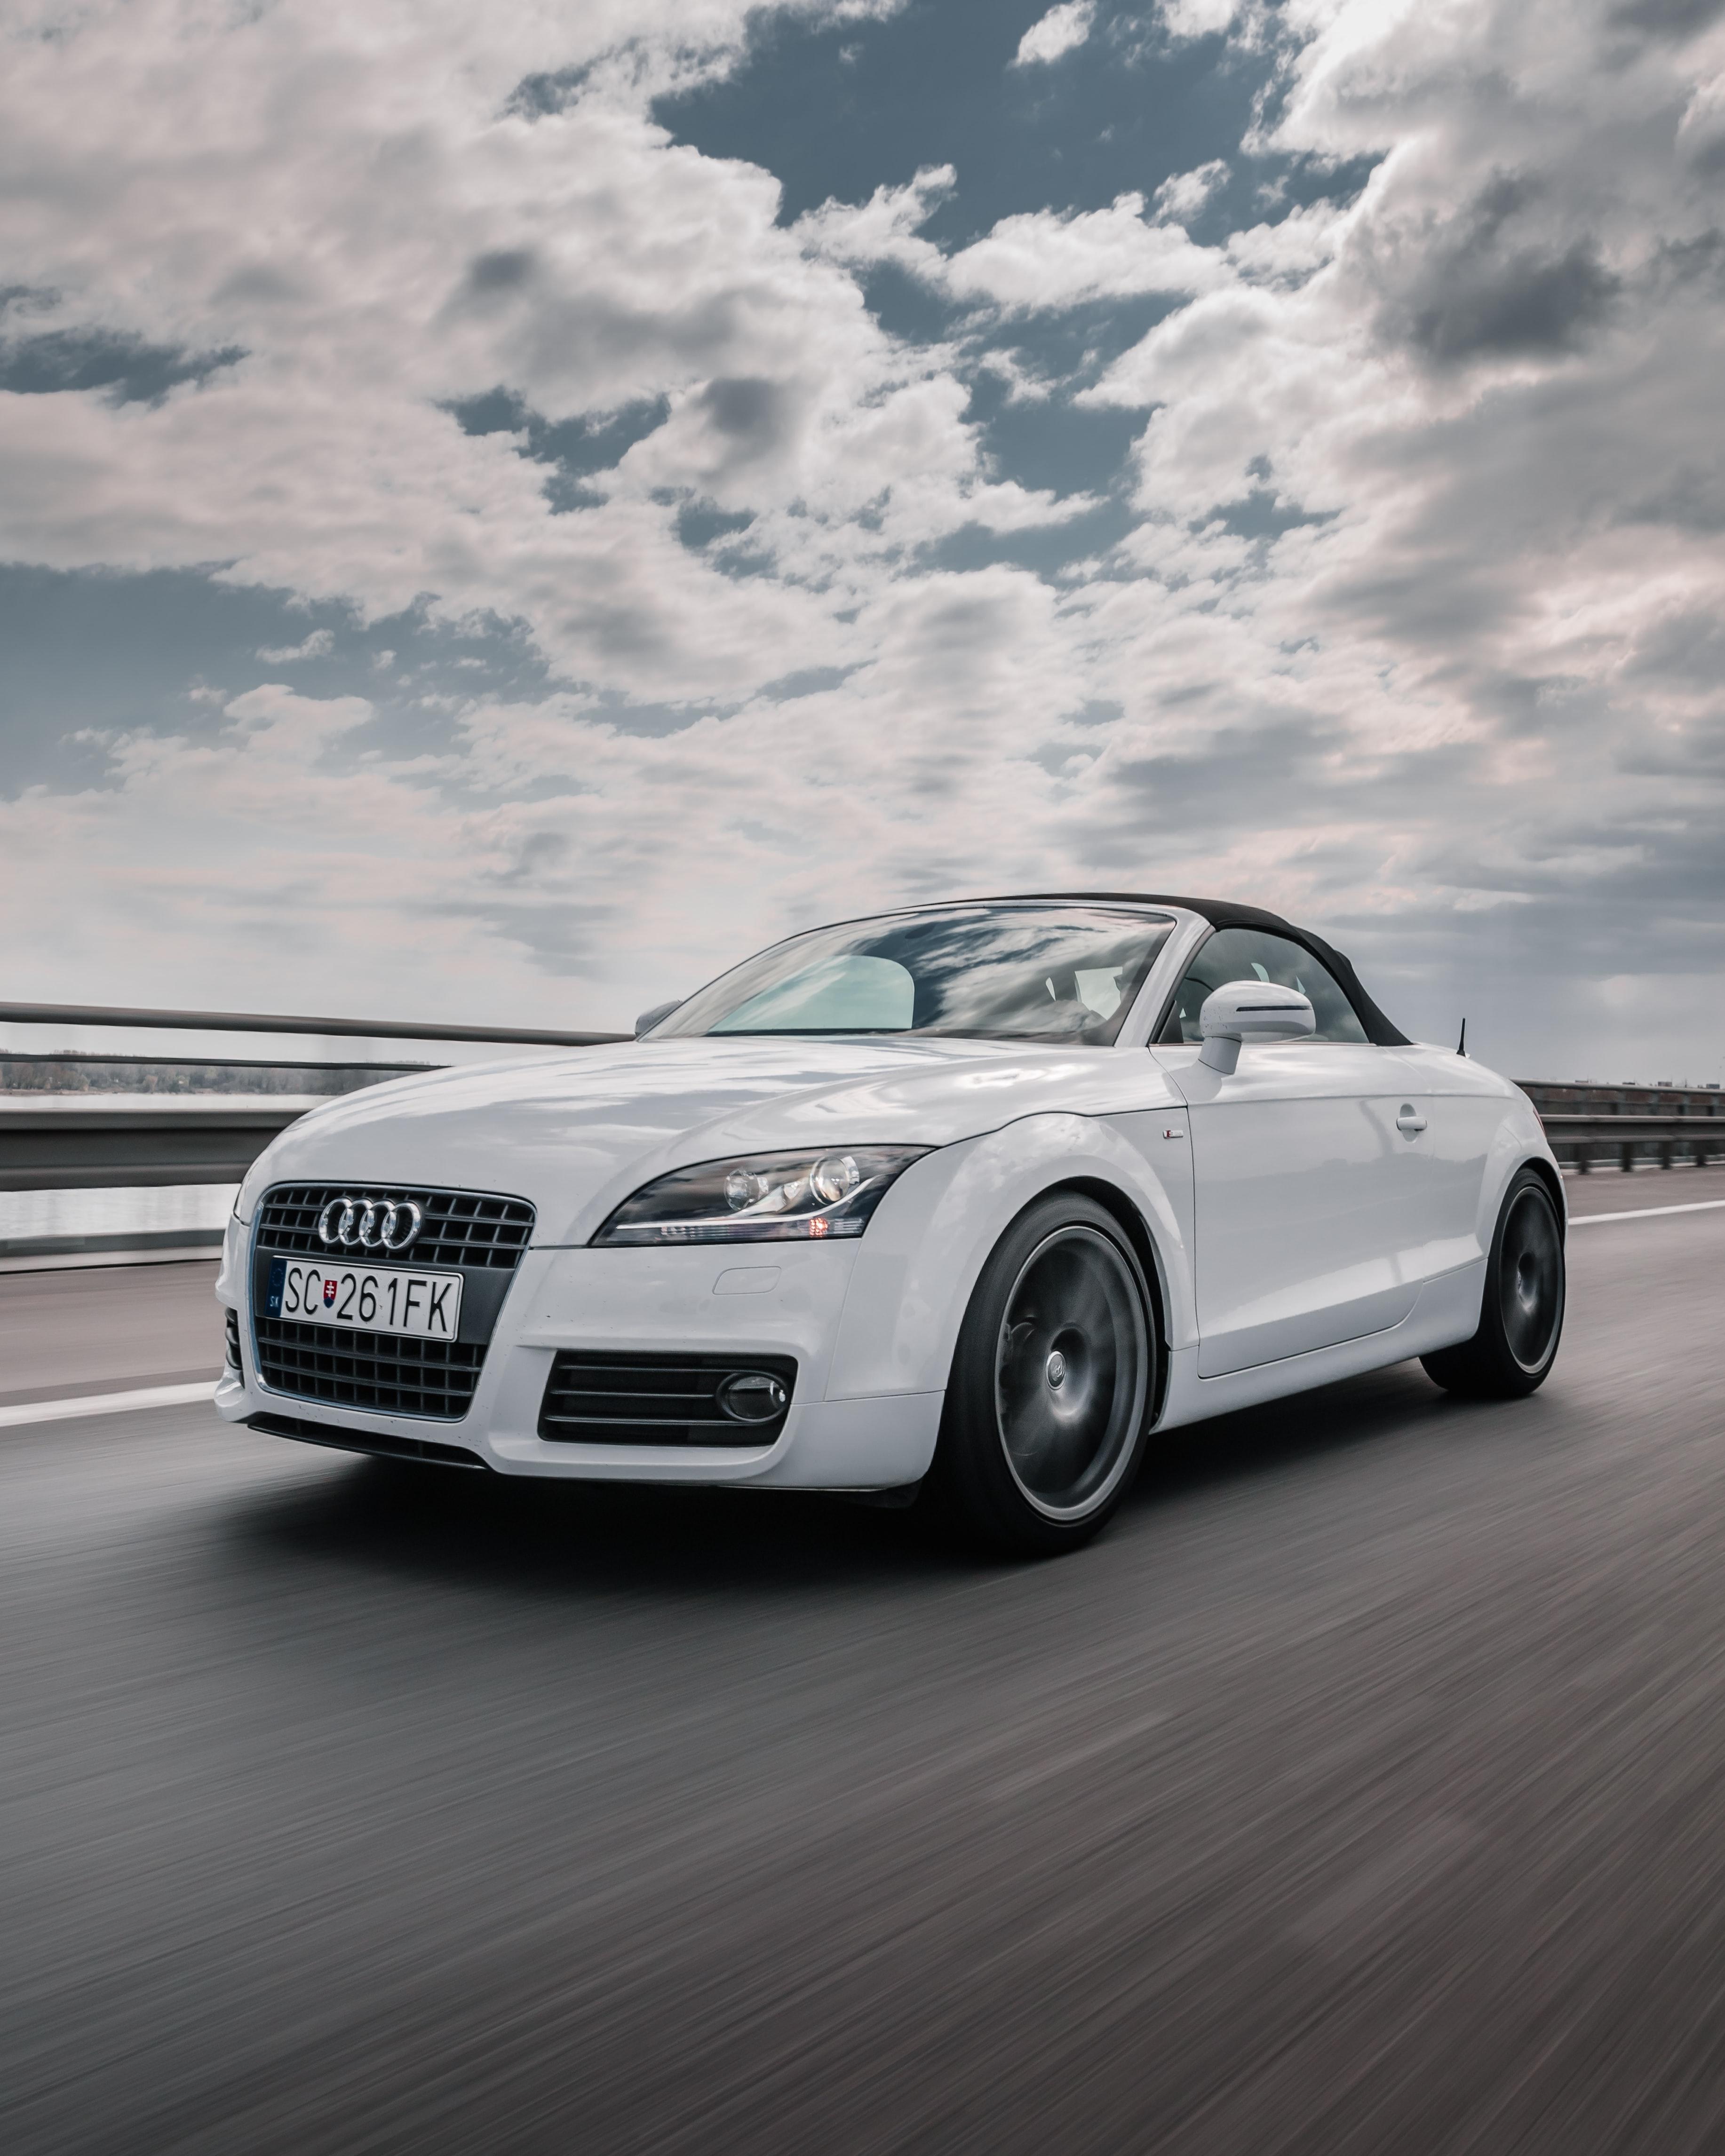 101942 скачать обои Тачки (Cars), Ауди (Audi), Машина, Вид Спереди, Движение, Белый - заставки и картинки бесплатно